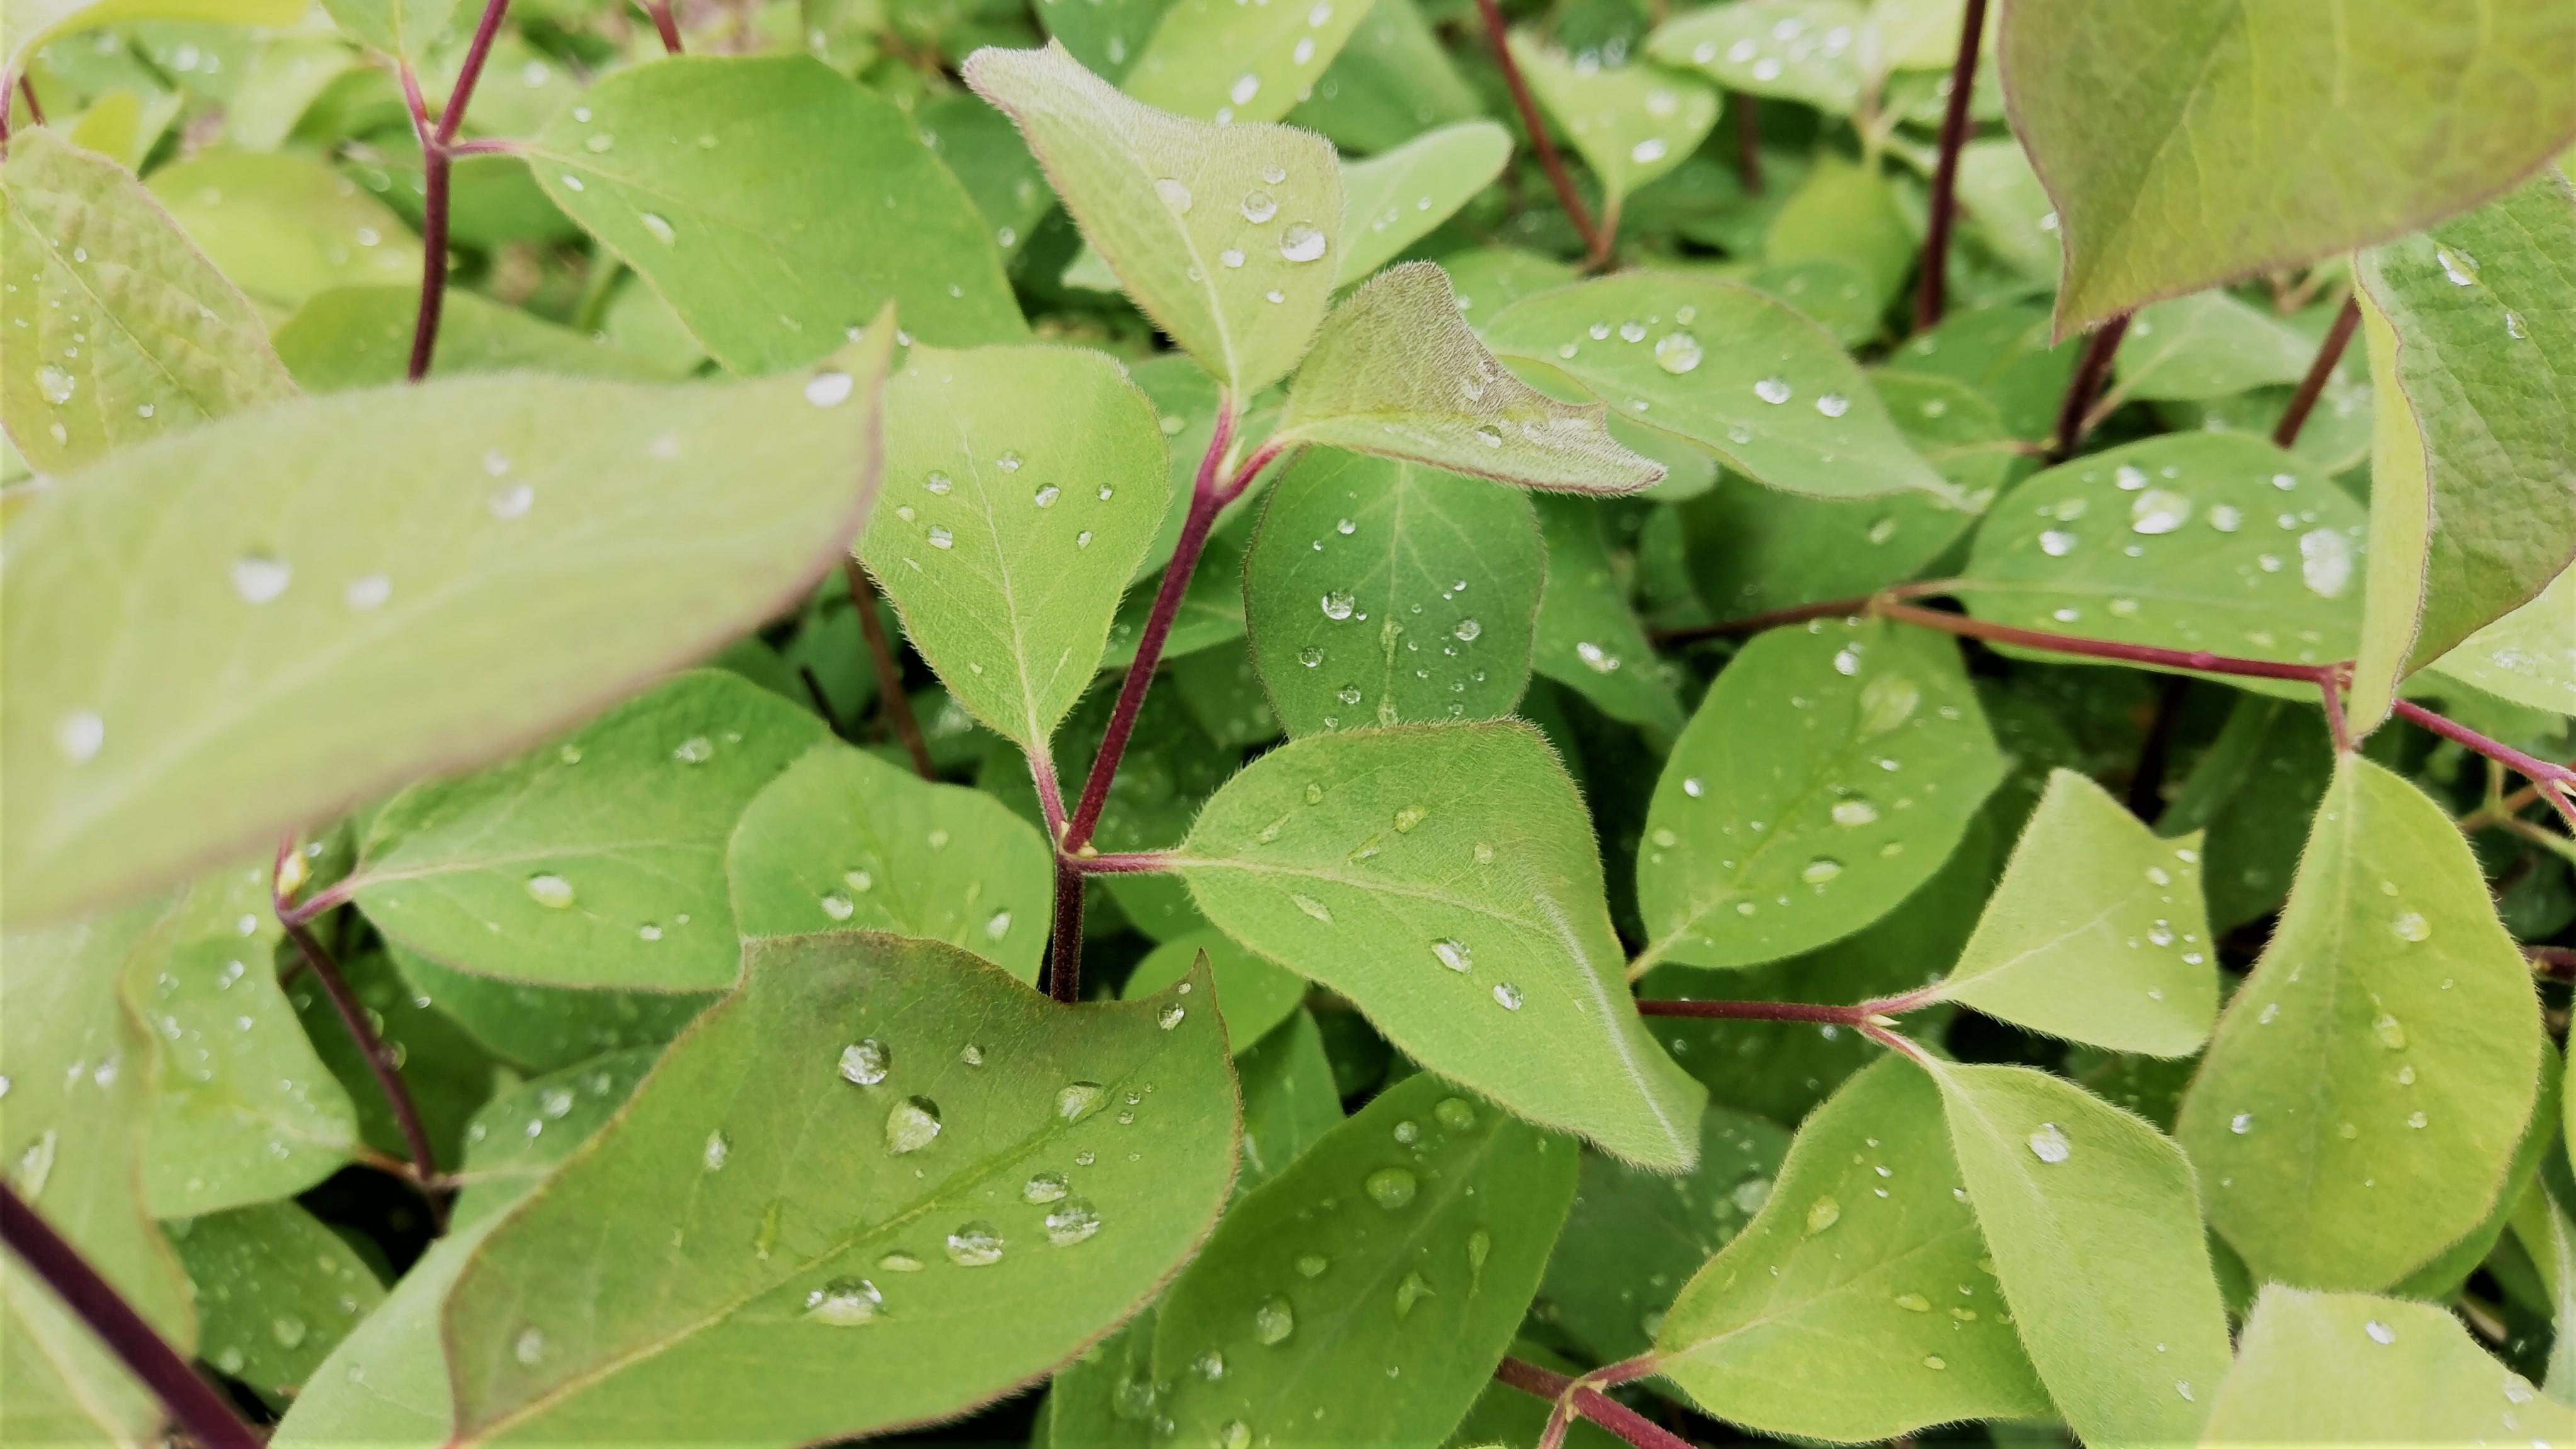 152207 скачать обои Макро, Листья, Растение, Капли, Мокрый - заставки и картинки бесплатно